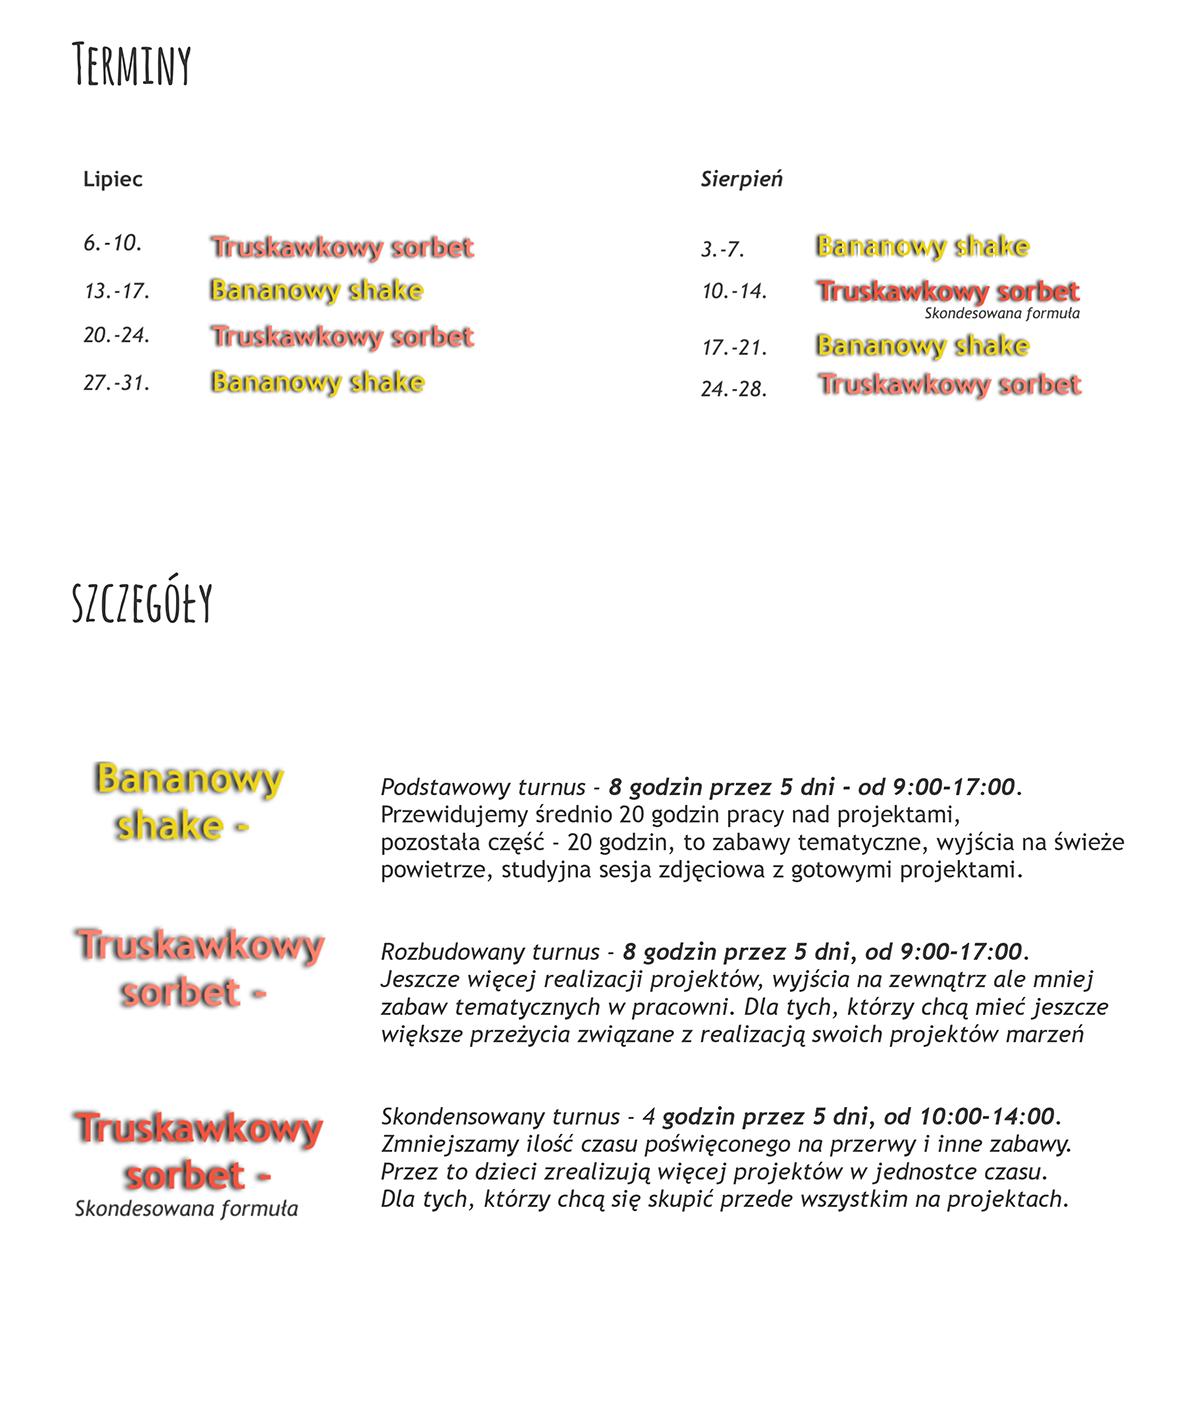 Oferta-lato-2020-Manubbies-6-1200-terminy-mnieszy-margines